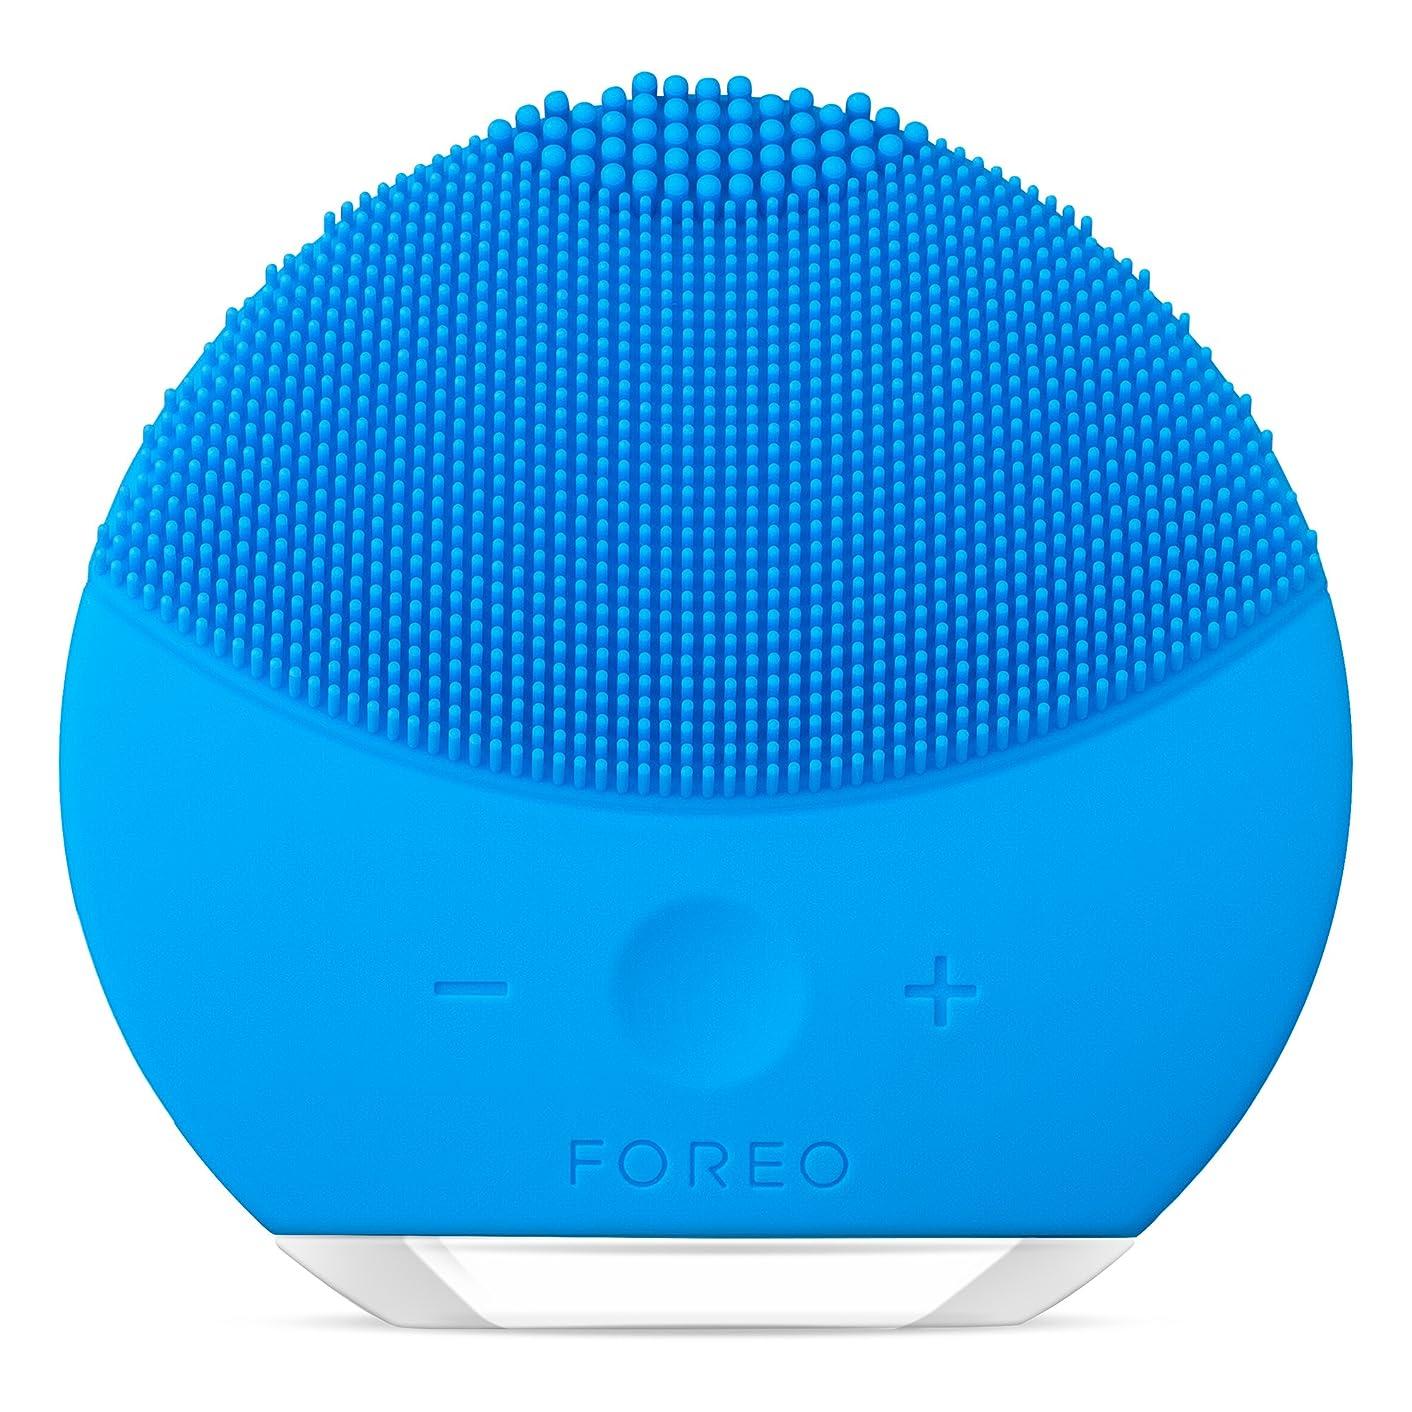 装備する発掘チートFOREO LUNA mini 2 アクアマリン 電動洗顔ブラシ シリコーン製 音波振動